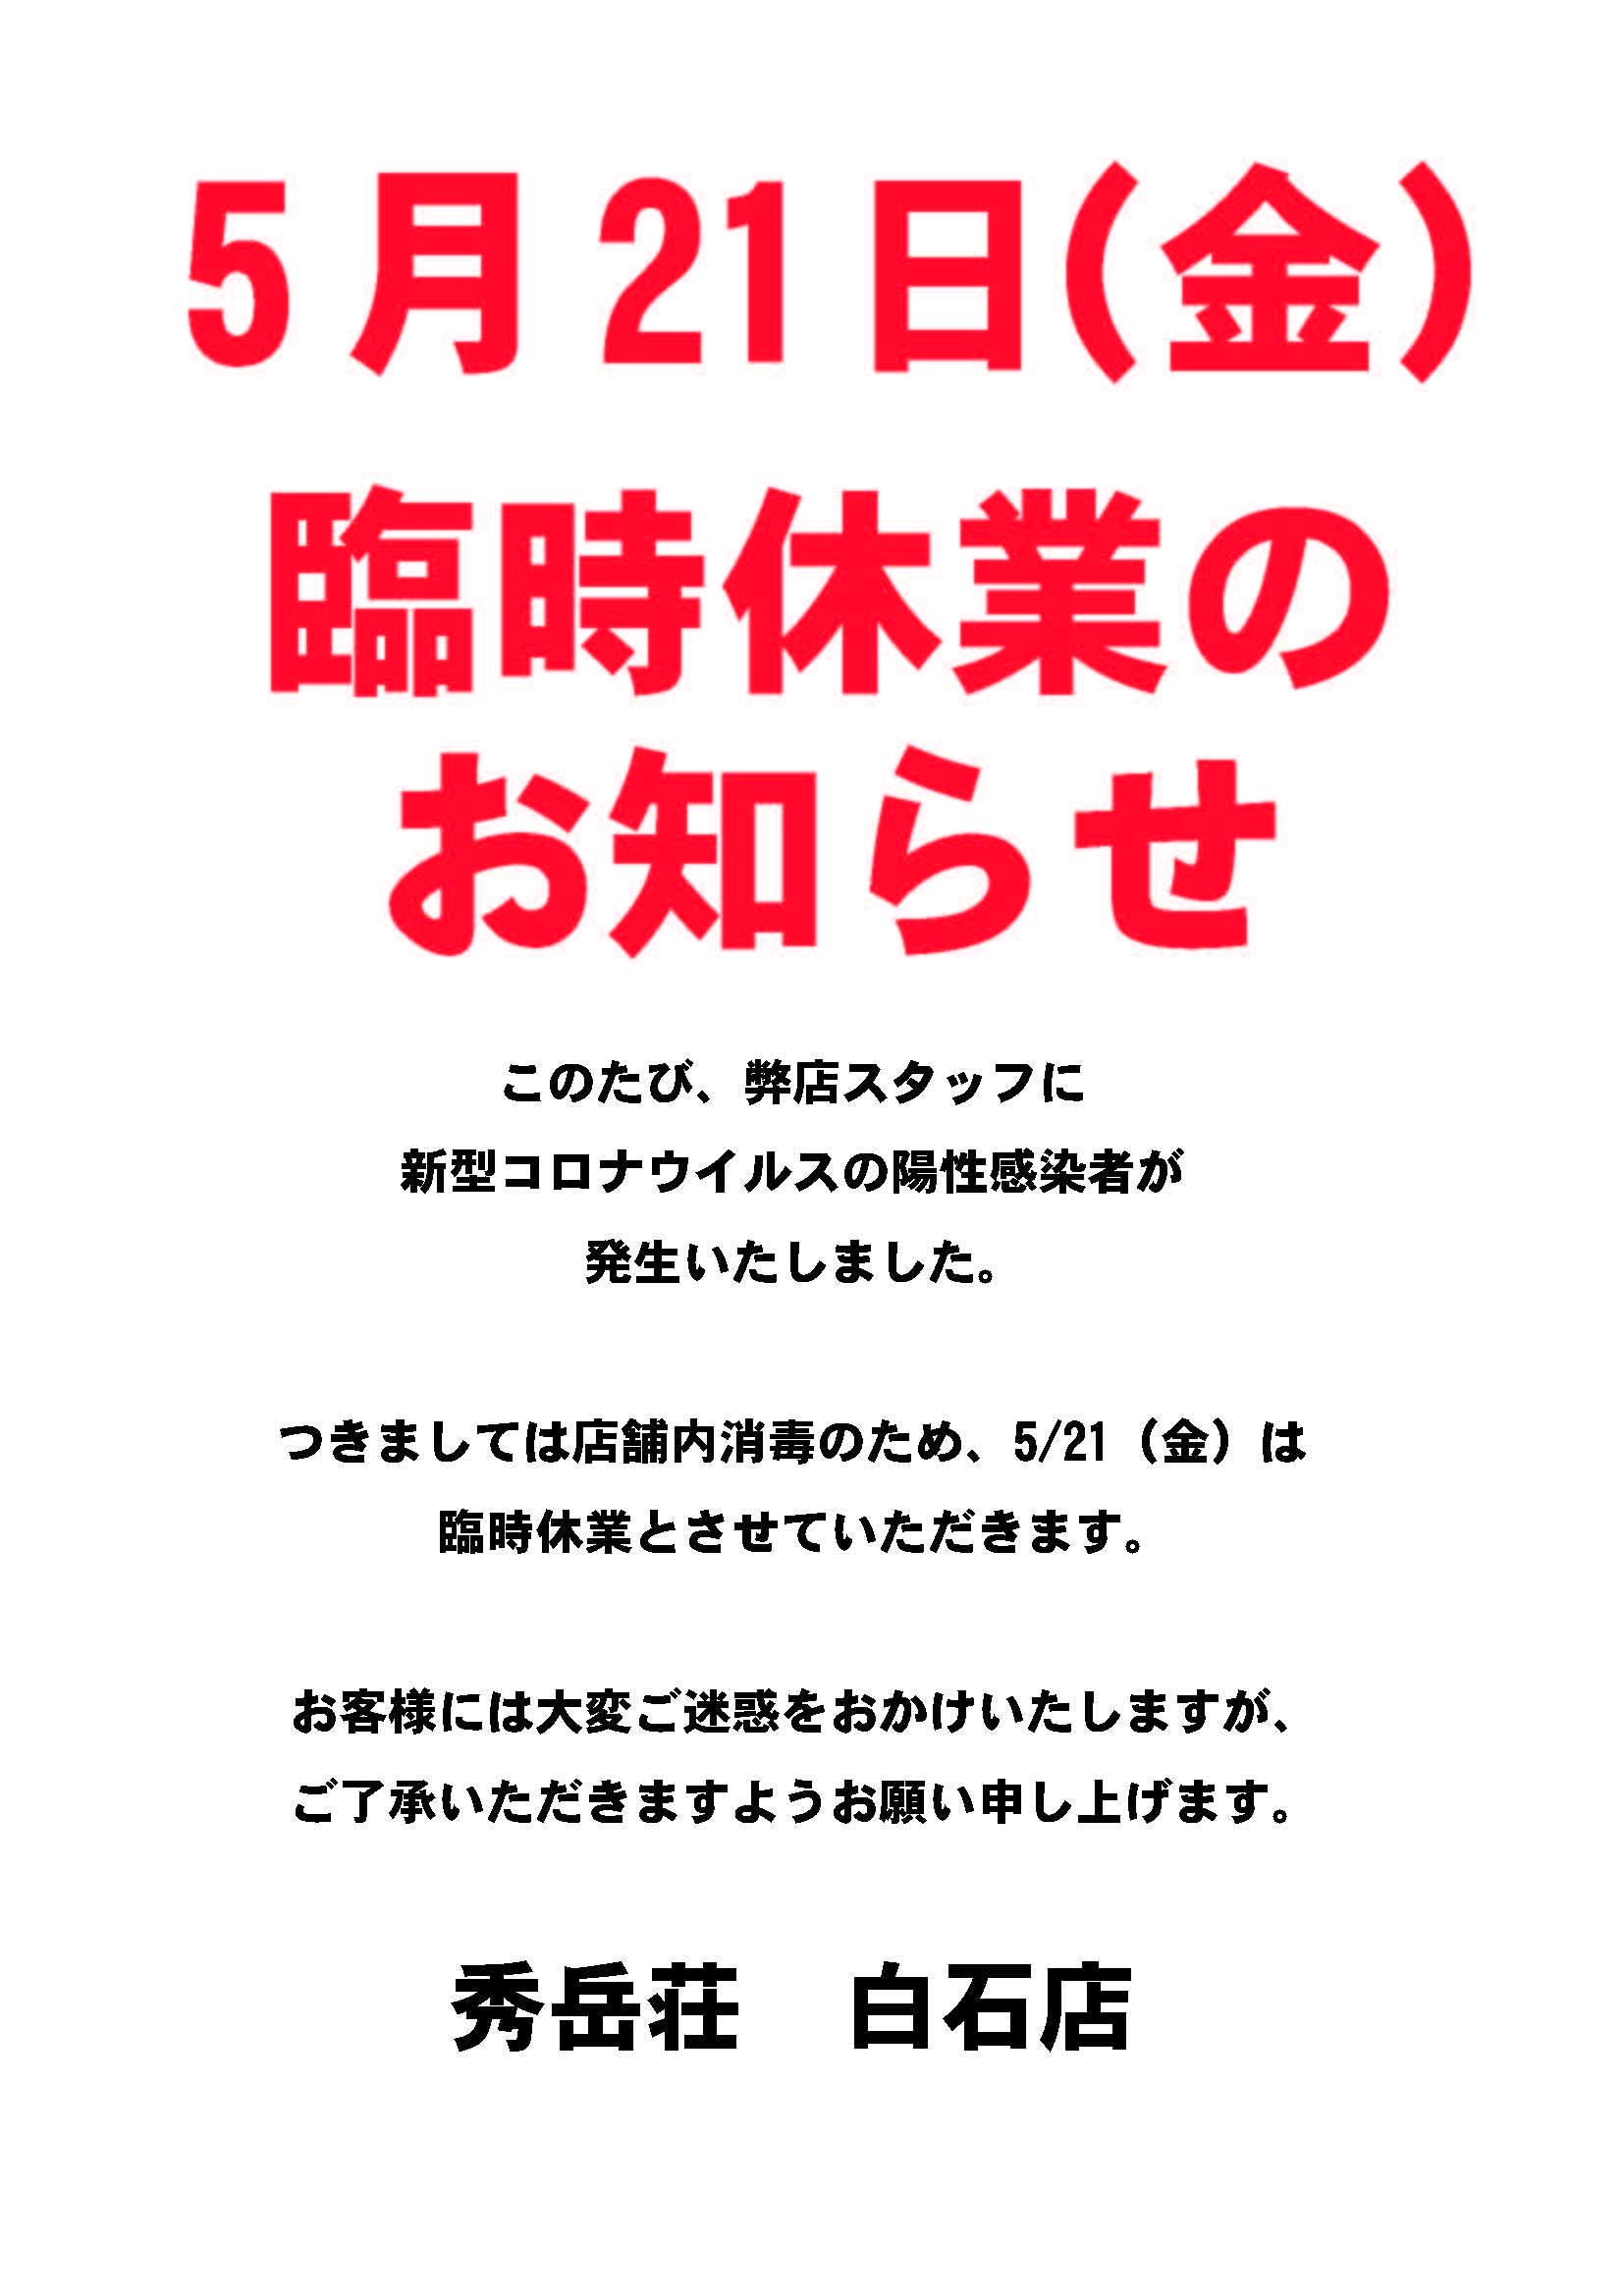 白石店臨時休業のお知らせ_d0198793_19534921.jpg